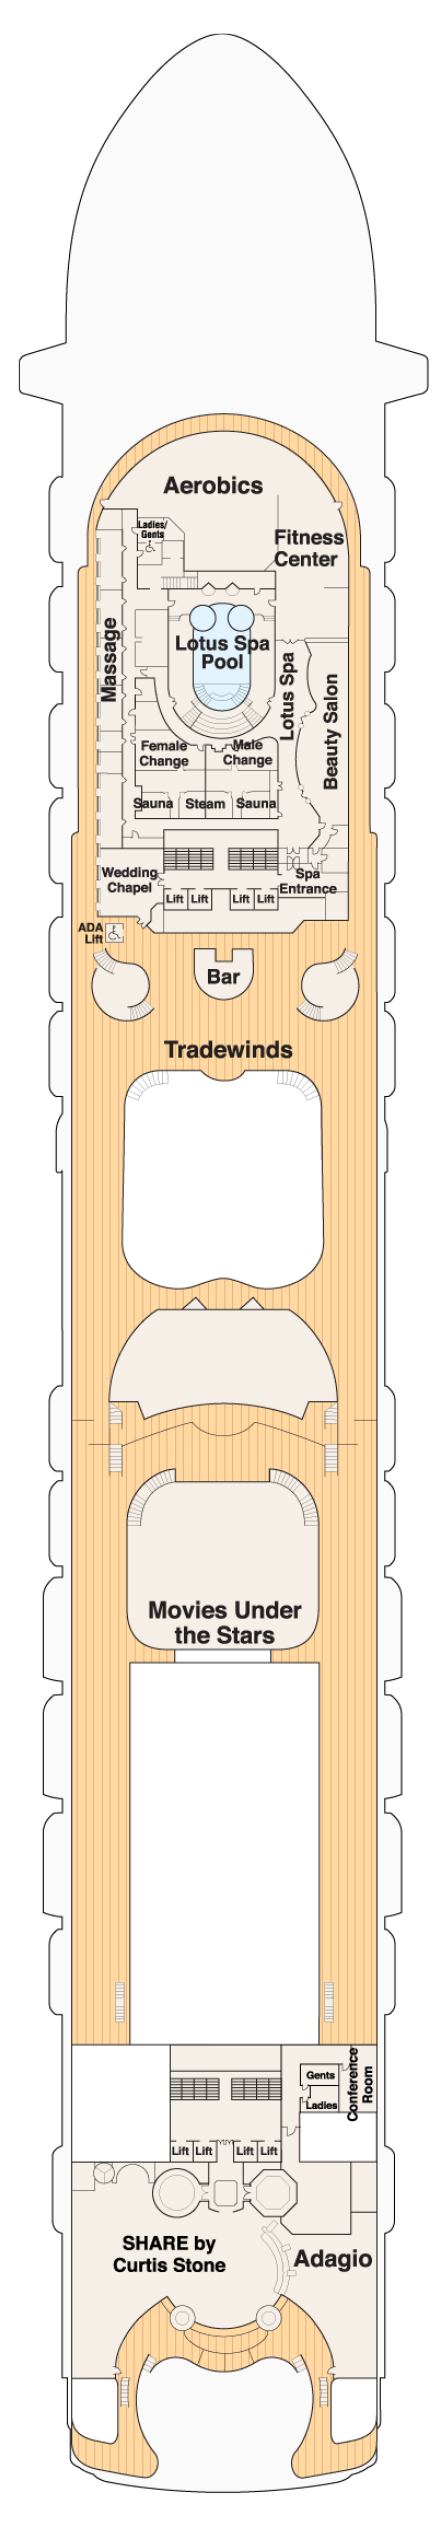 100 Breakaway Deck Plan 14 Norwegian Bliss